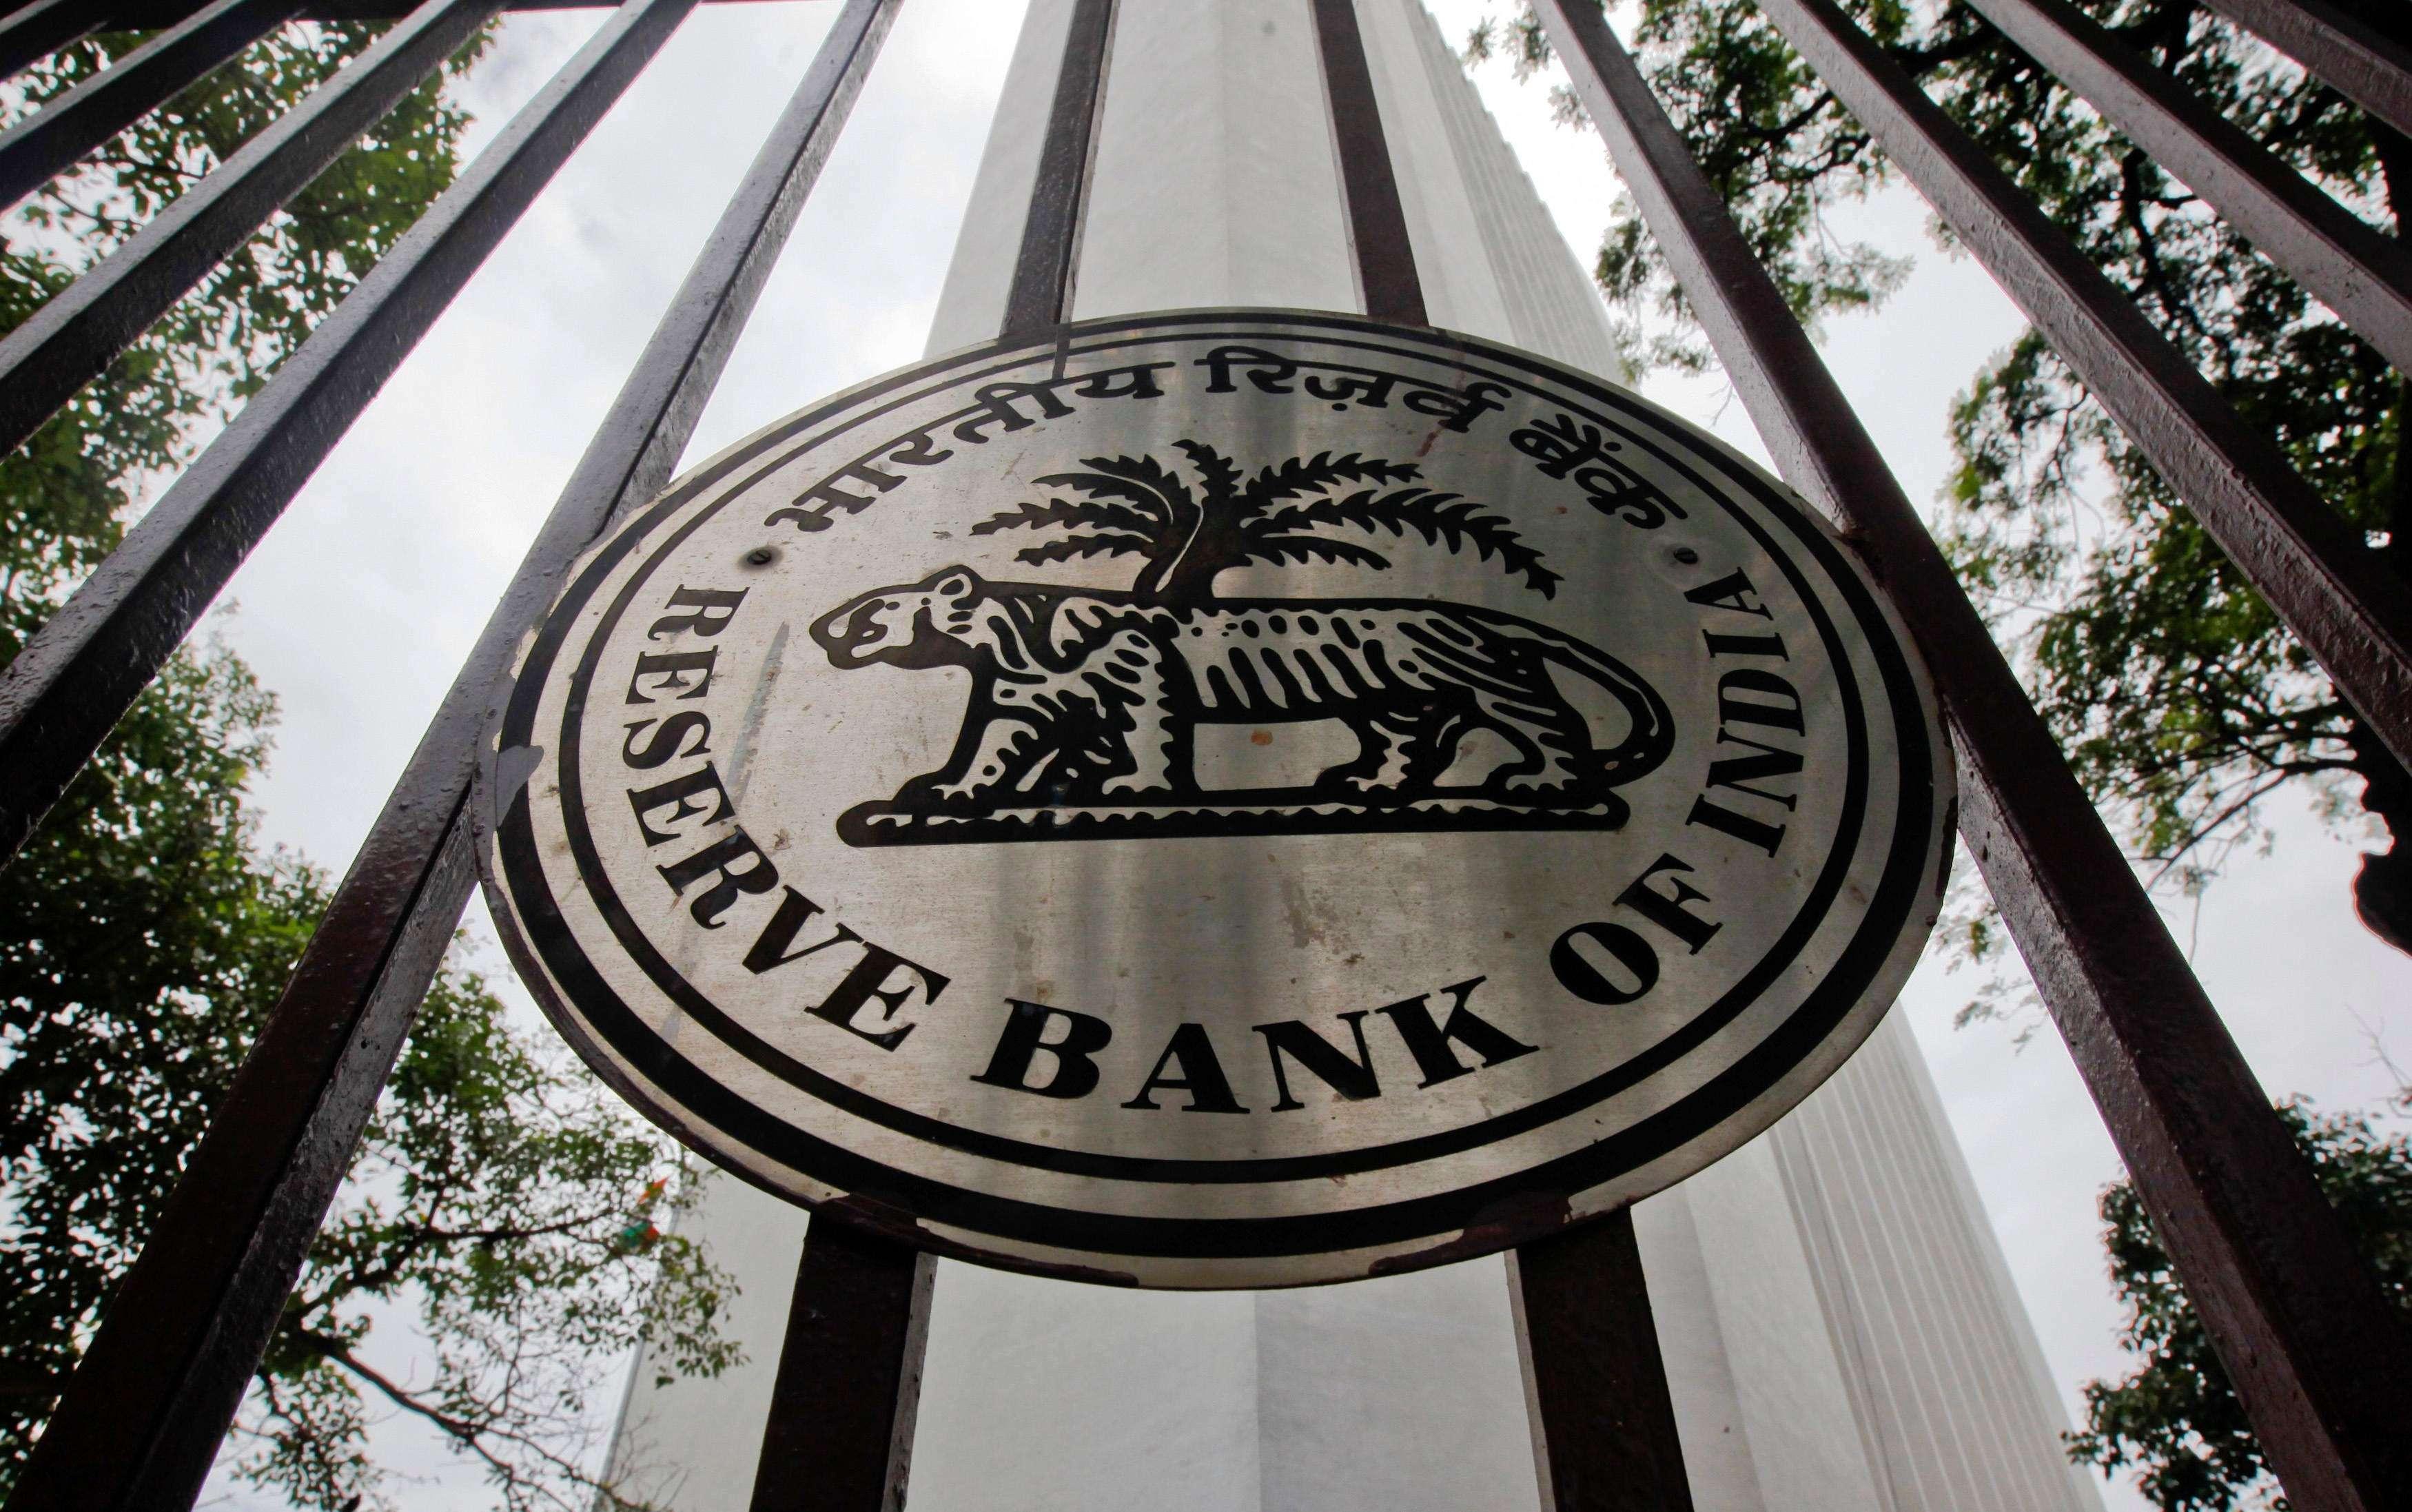 कोरोना | RBI ने घटाया रीपो रेट, EMI चुकाने की छूट 3 महीने के लिए बढ़ाई